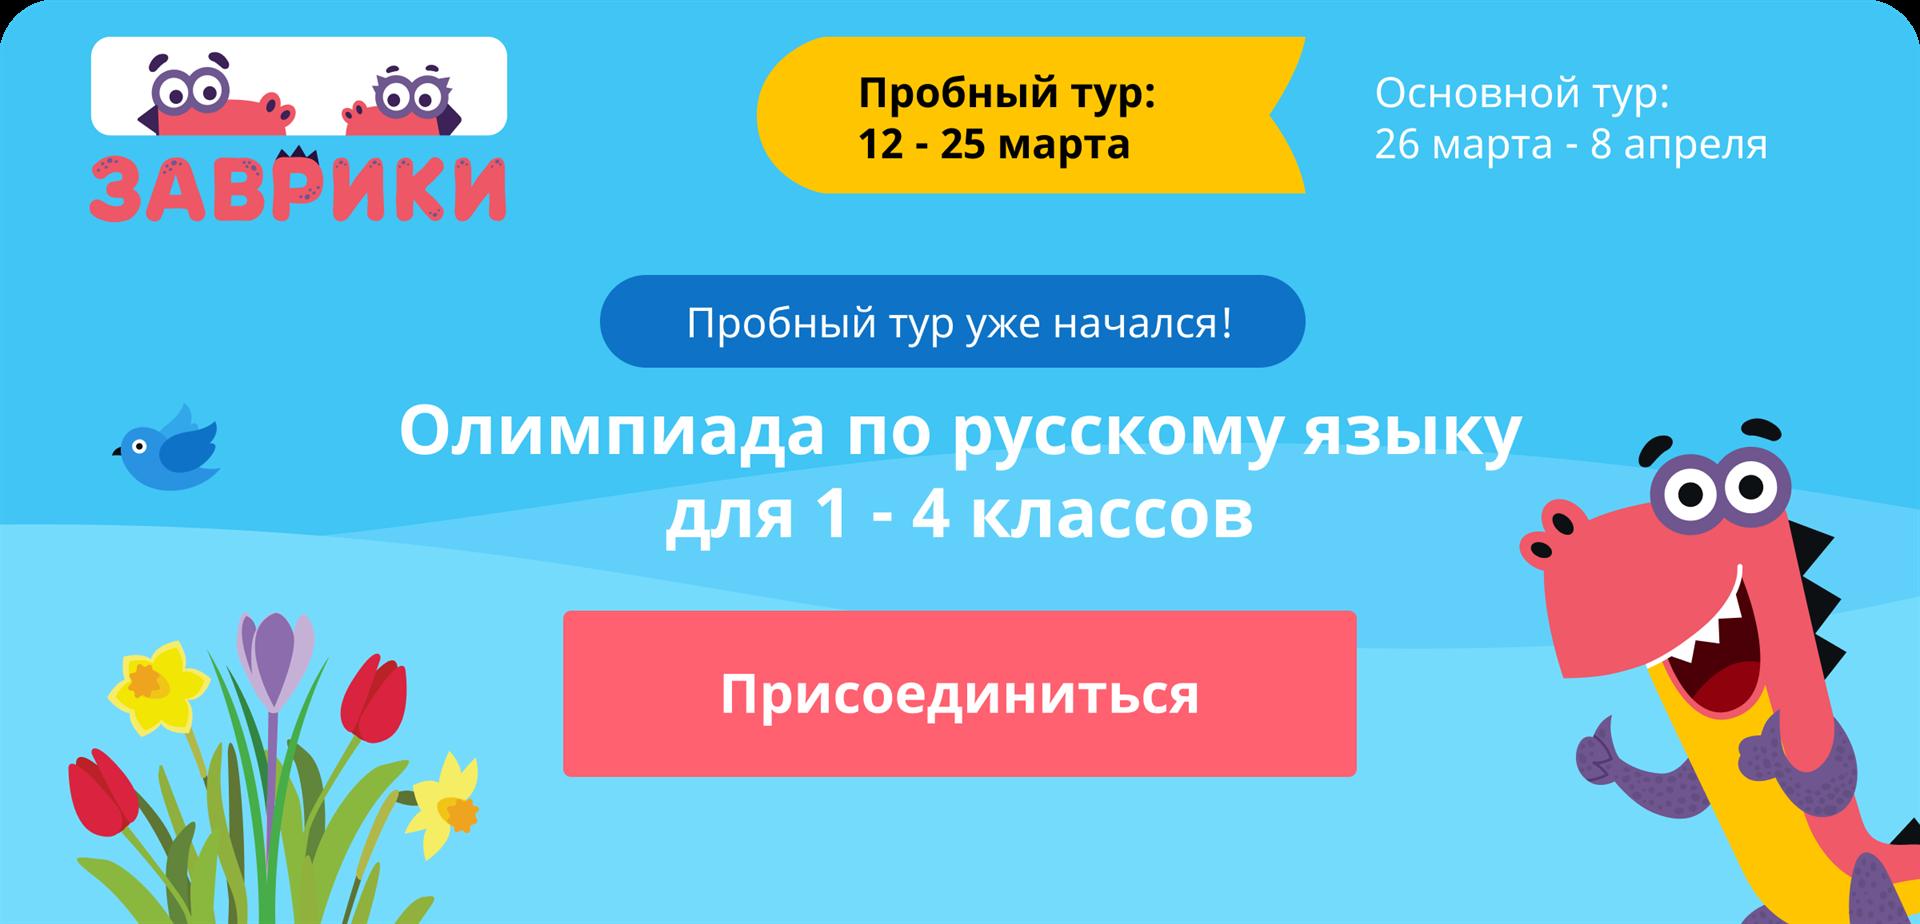 Олимпиада по русскому языку для 1-4 классов «Заврики»